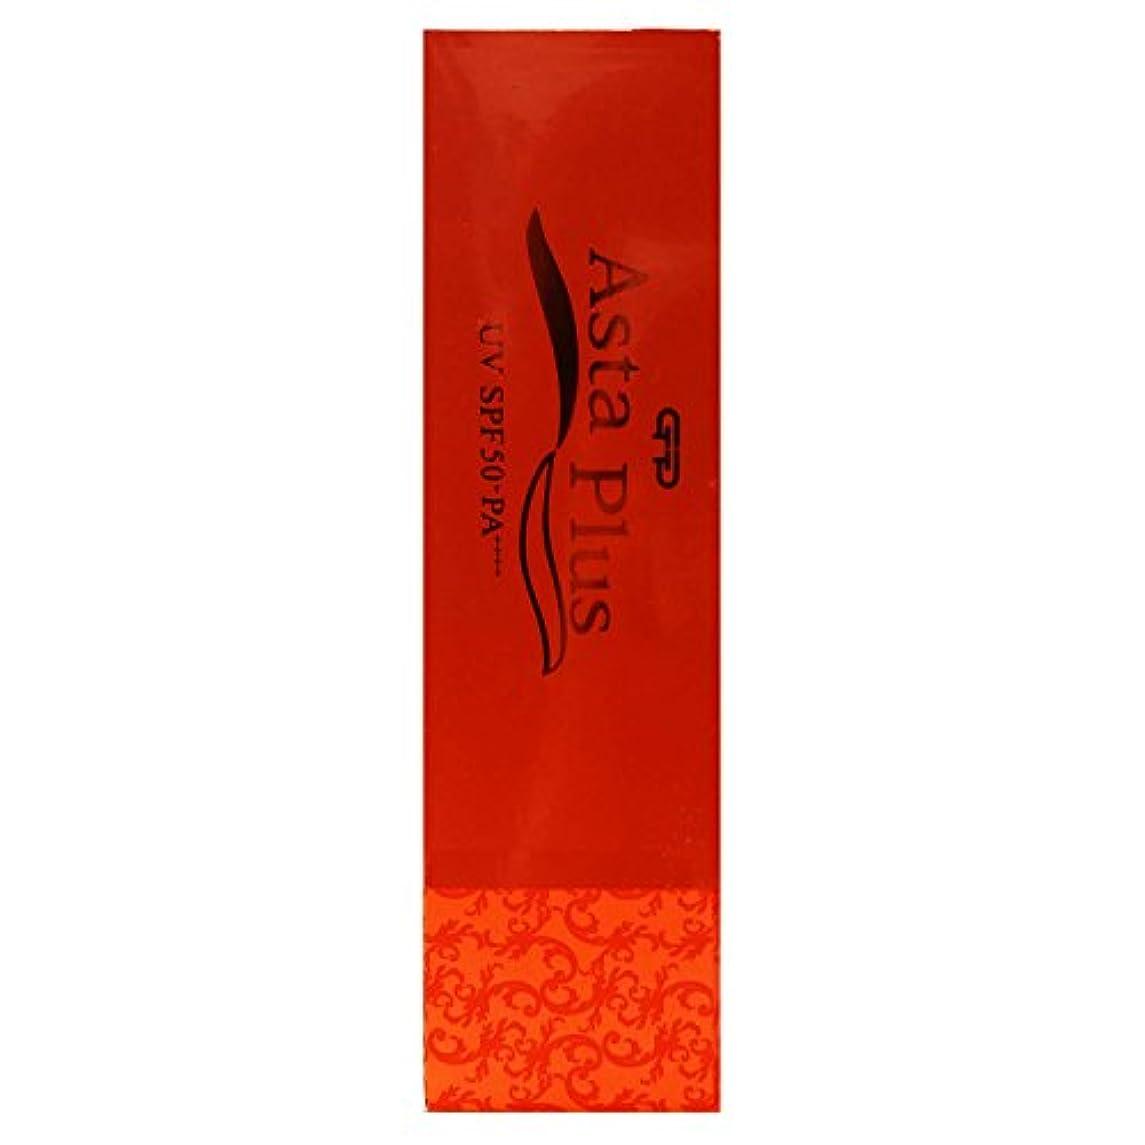 役に立つ名義でレパートリーアスタプラス UVクリーム 30g